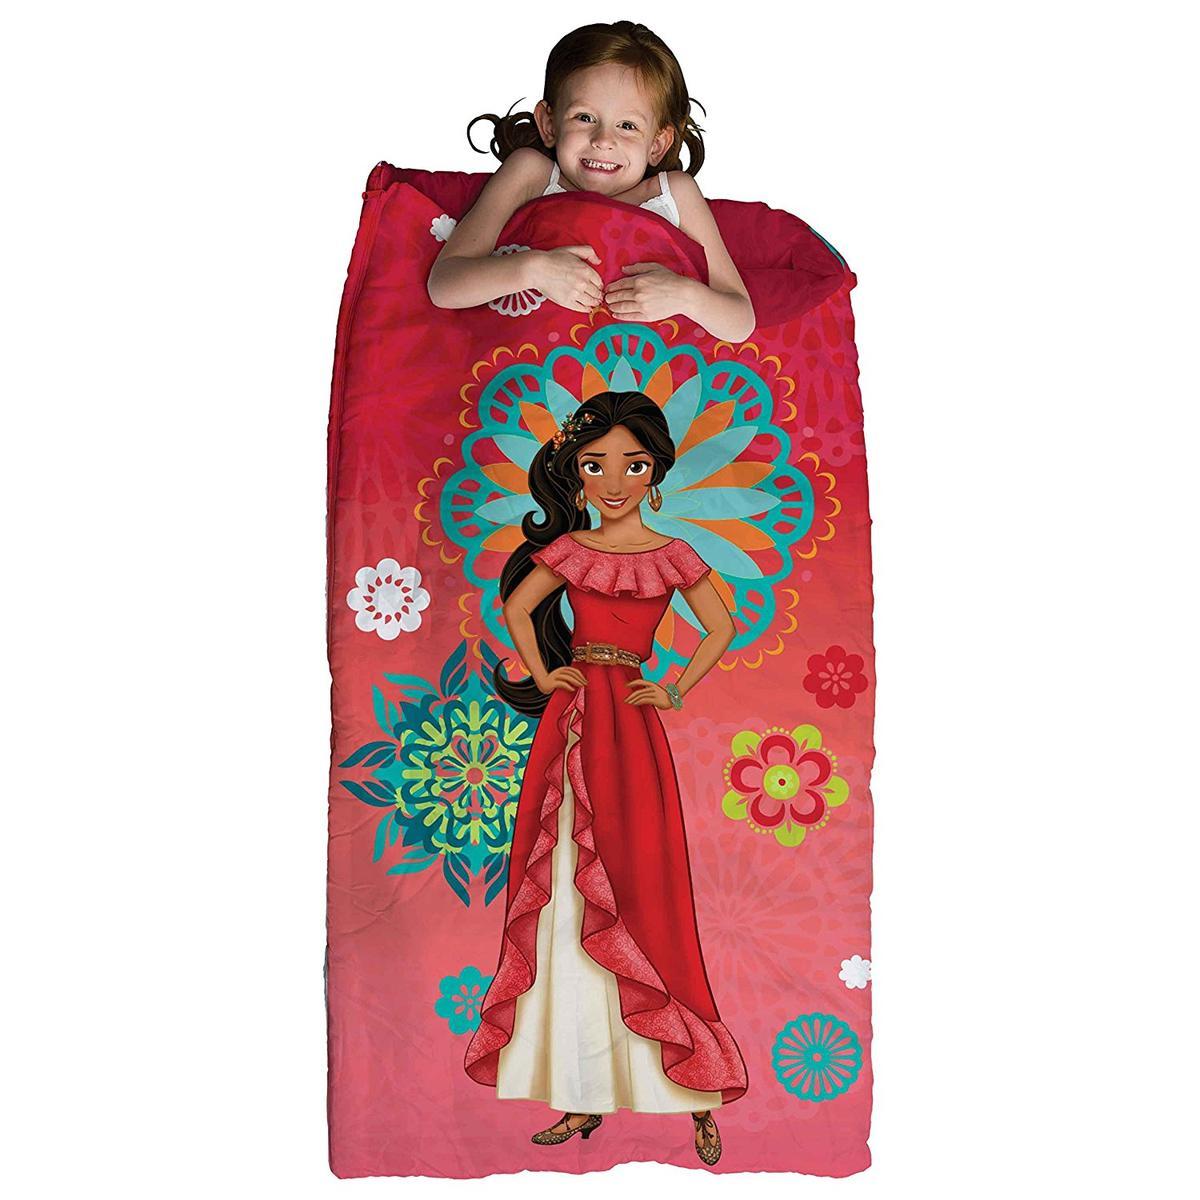 アバローのプリンセス エレナ 寝袋 子供 ガールズ 女の子 ディズニー キャンプ アウトドア 寝具 グッズ